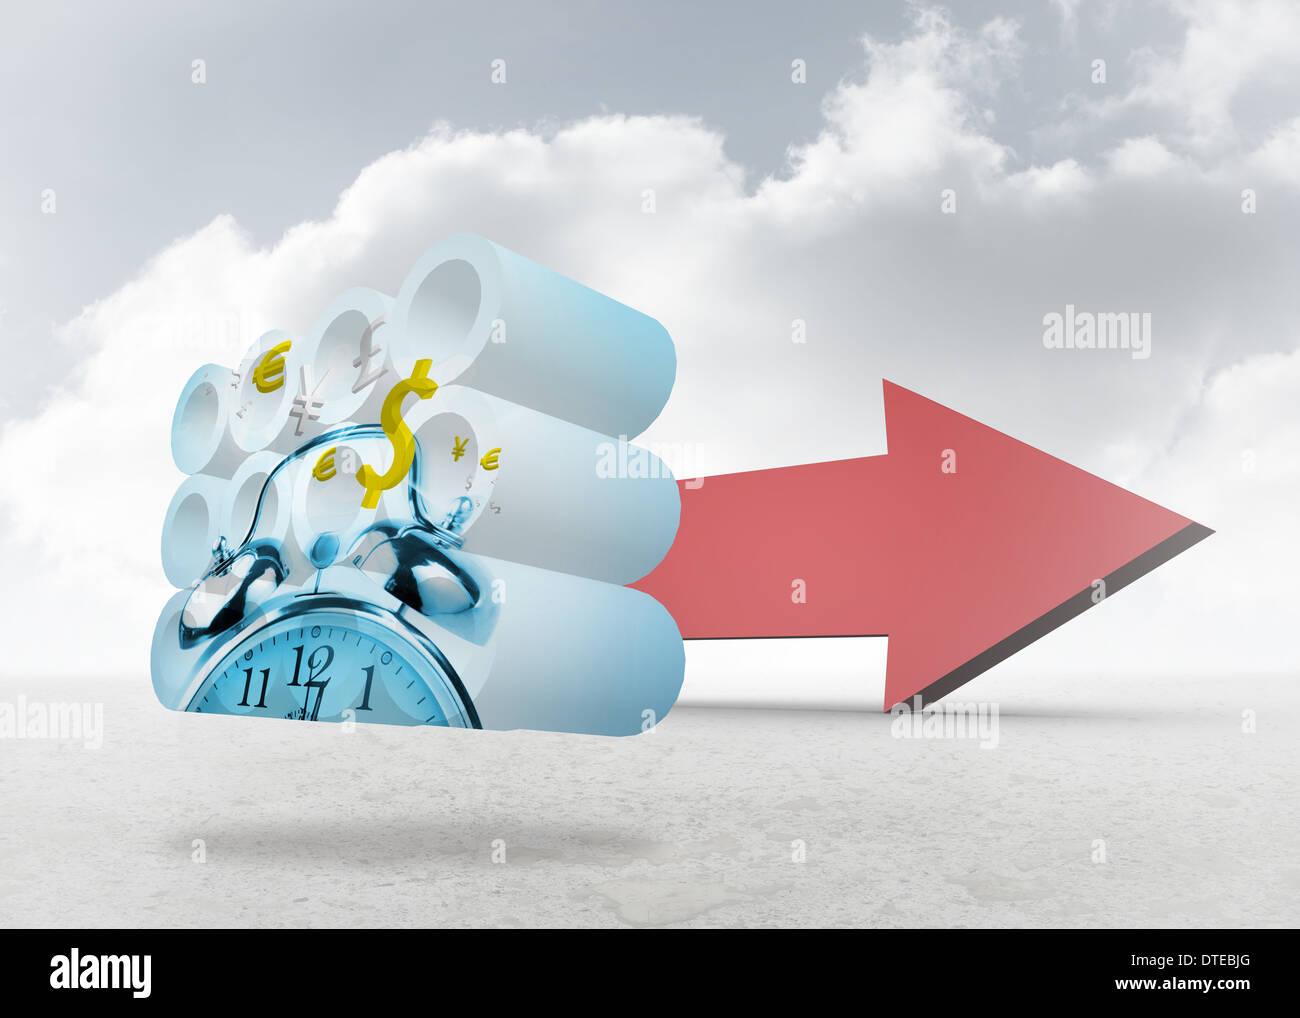 Immagine composita del tempo è denaro concetto sulla schermata astratto Immagini Stock